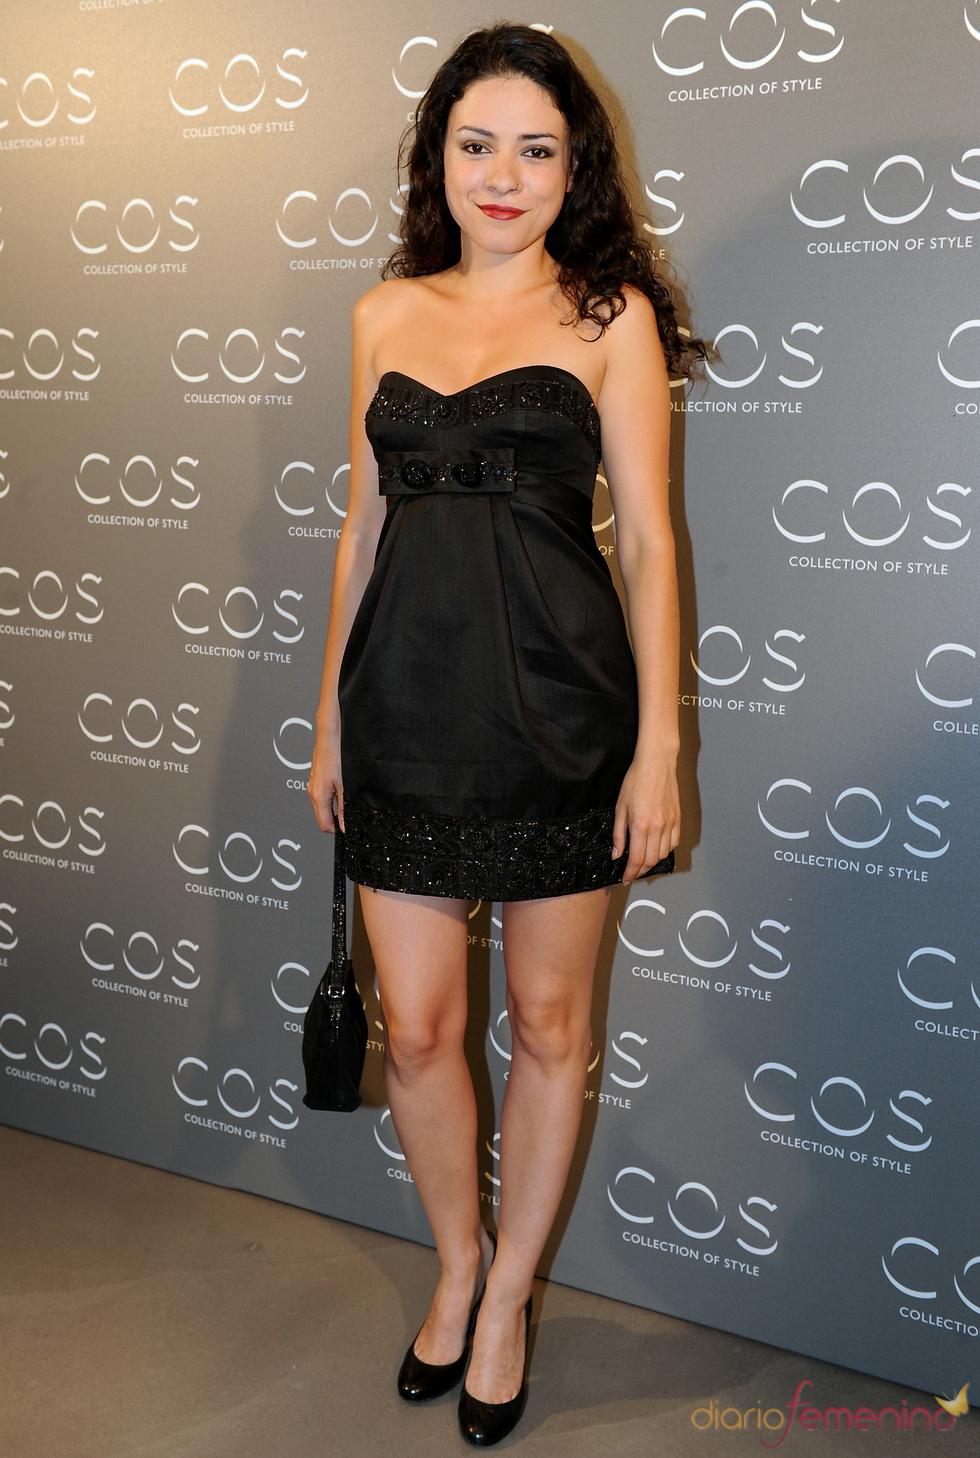 Ana Arias en la presentación de la tienda COS en Madrid